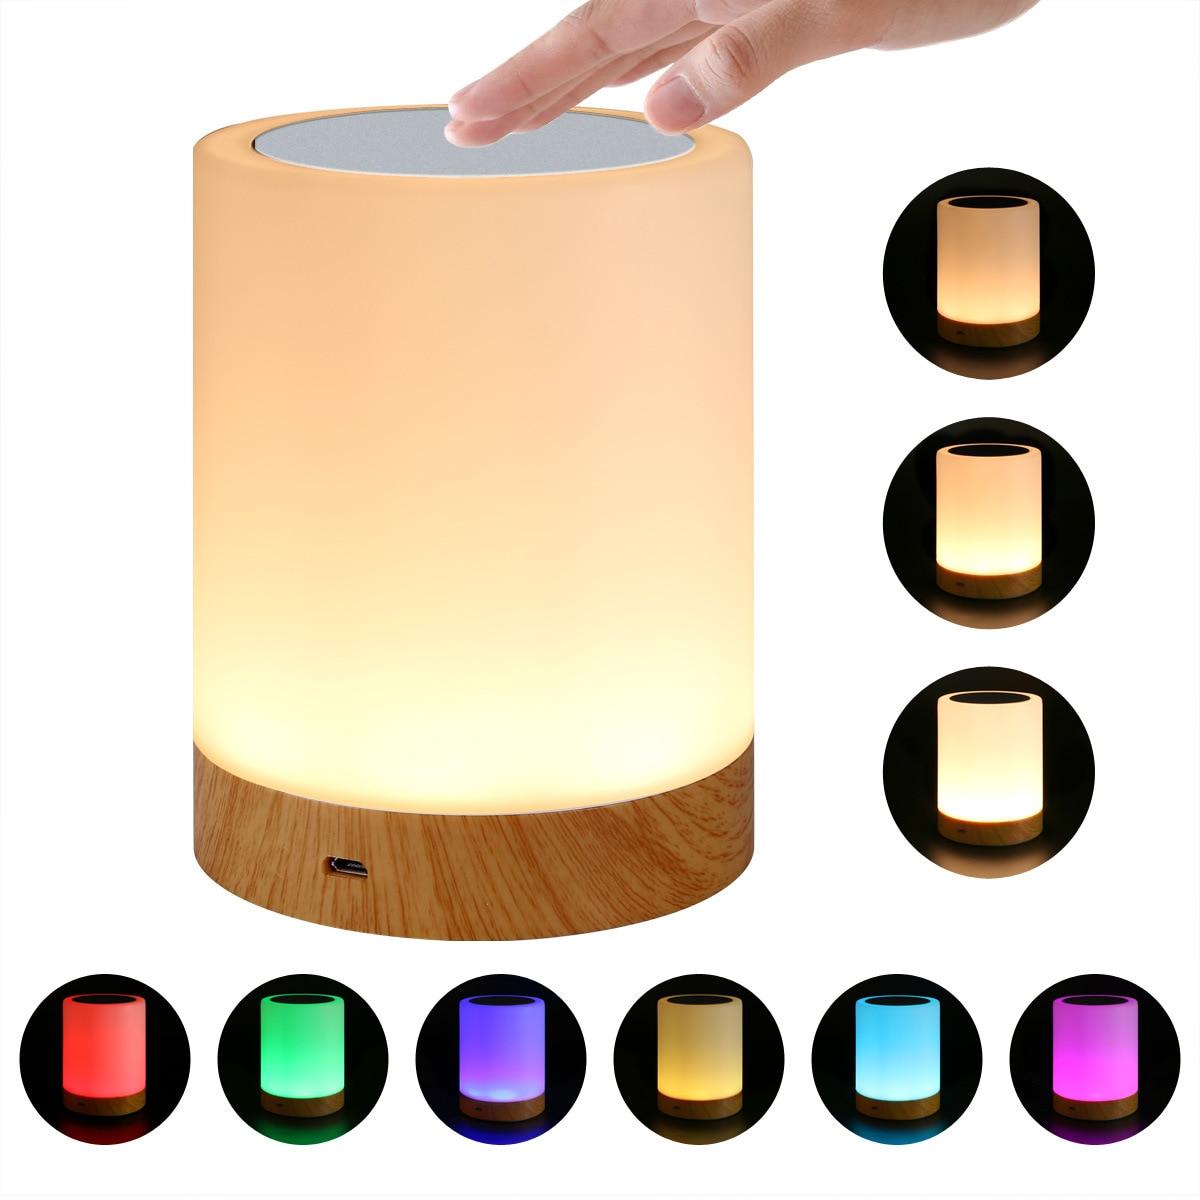 Veilleuse lune étoilée coloré nouveau Style Dimmable LED coloré créatif Grain de bois charge lampe de lit lumière ambiante tactile pai